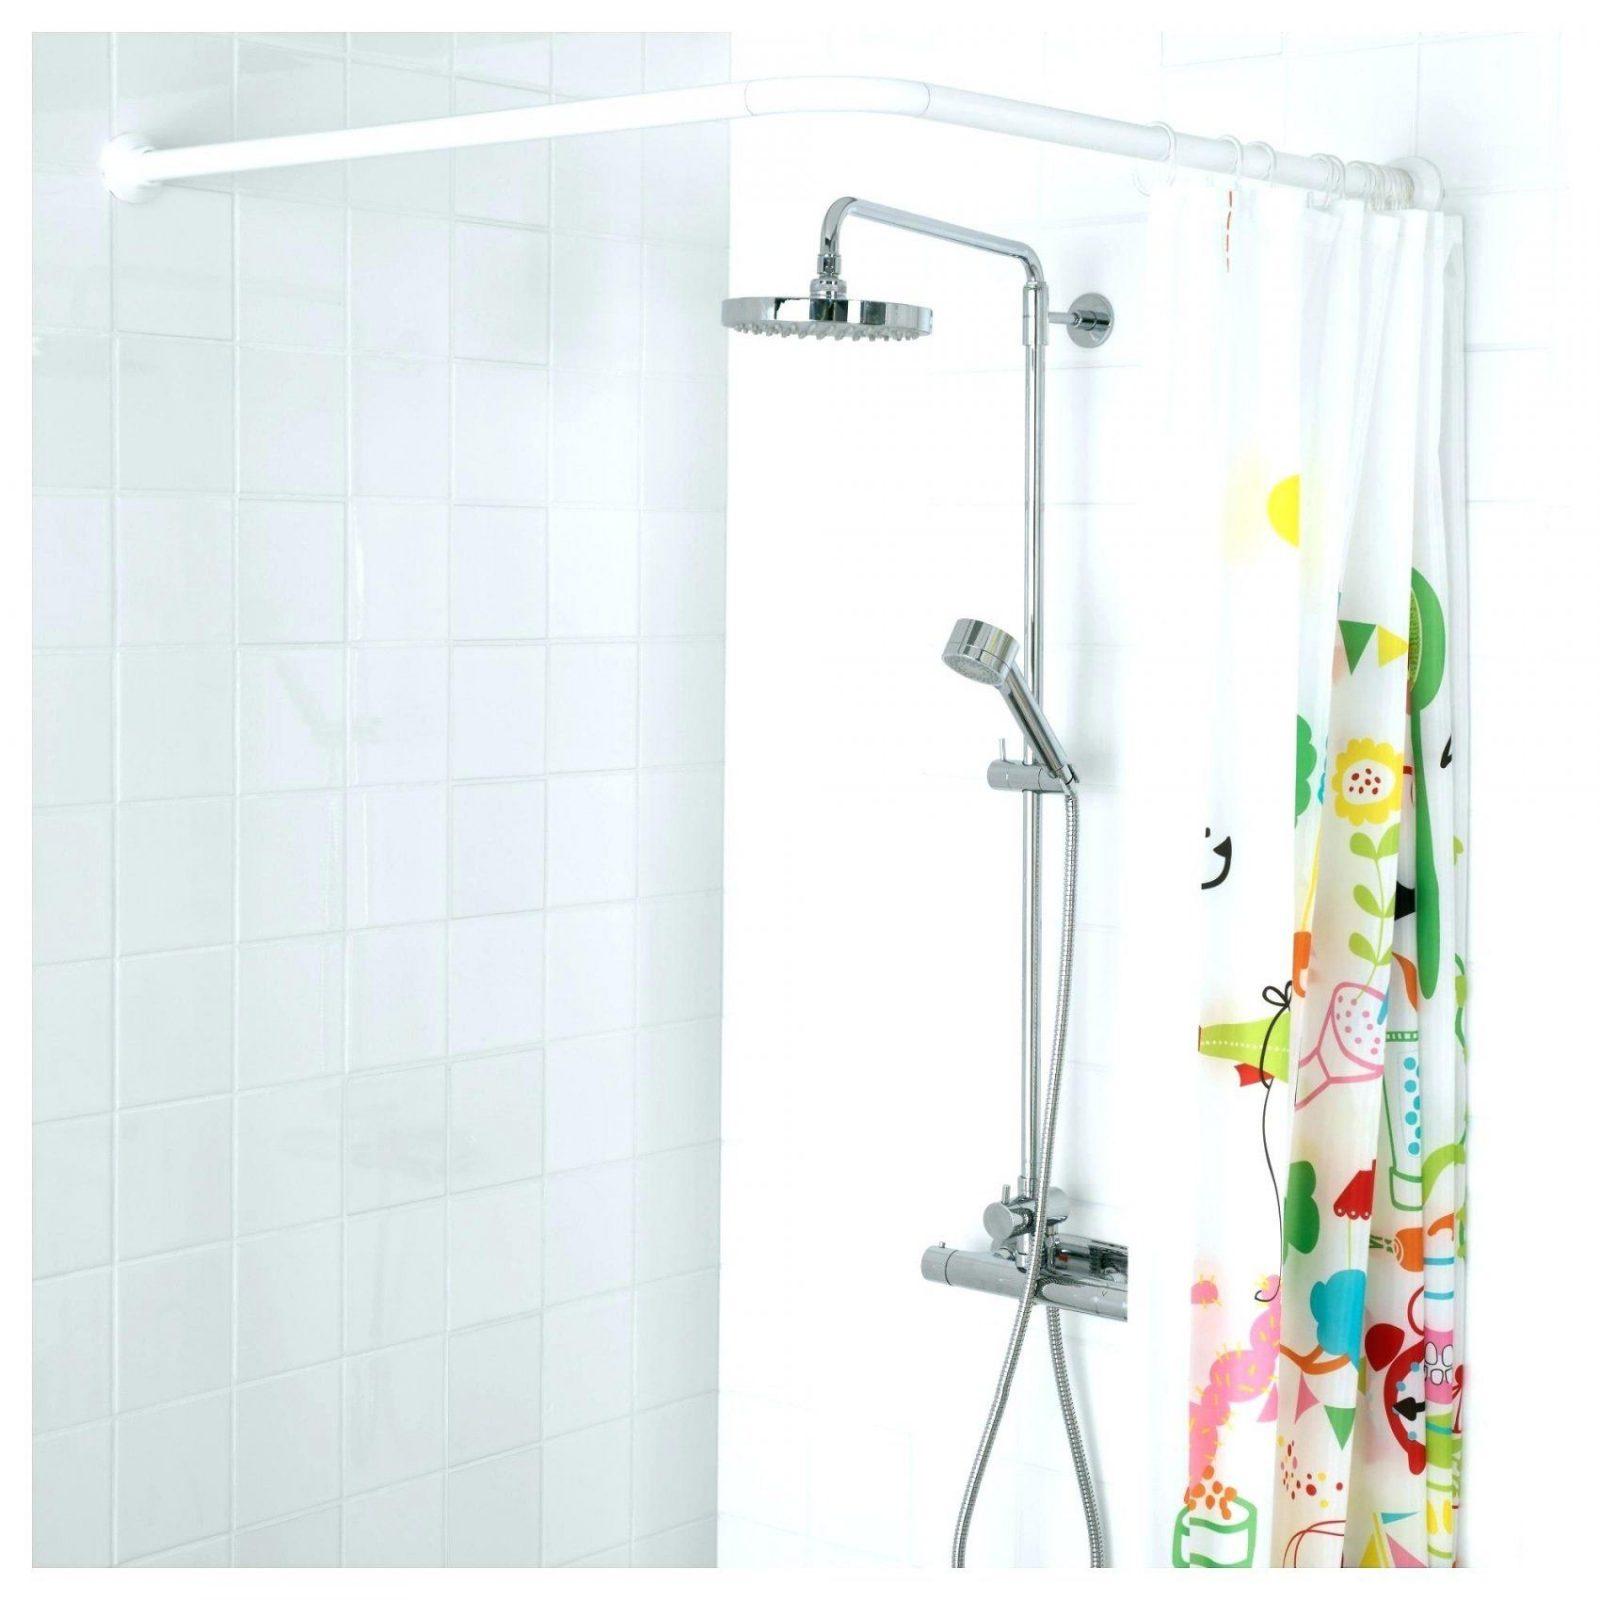 Duschvorhangstange Edelstahl Elegant Vikarn Ikea Von U Form von Duschvorhang Für Badewanne Ohne Bohren Photo